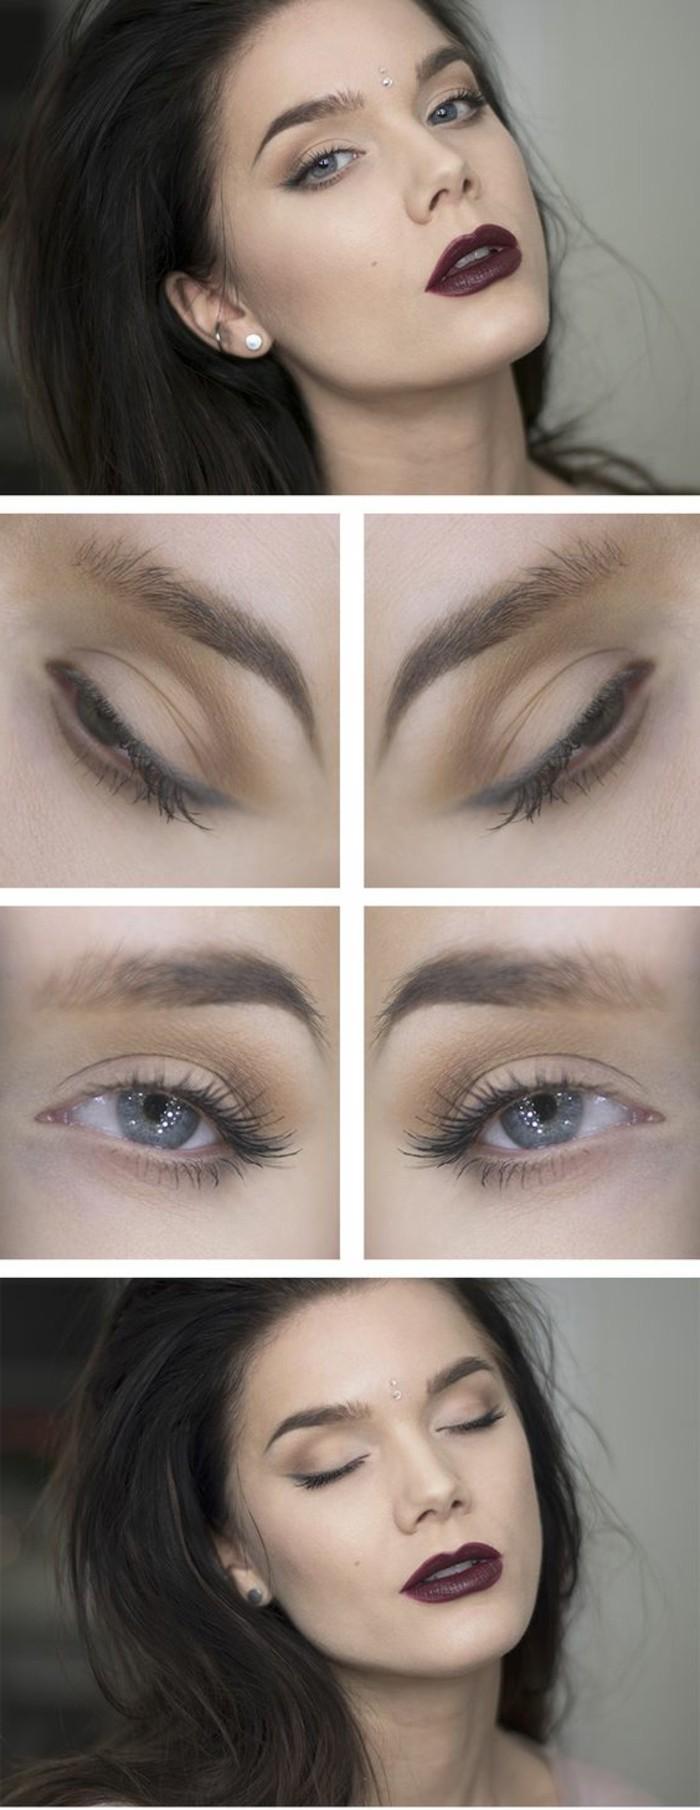 00-maquillage-avec-rouge-a-levres-foncé-rouge-yeux-bleus-tuto-comment-se-maquiller